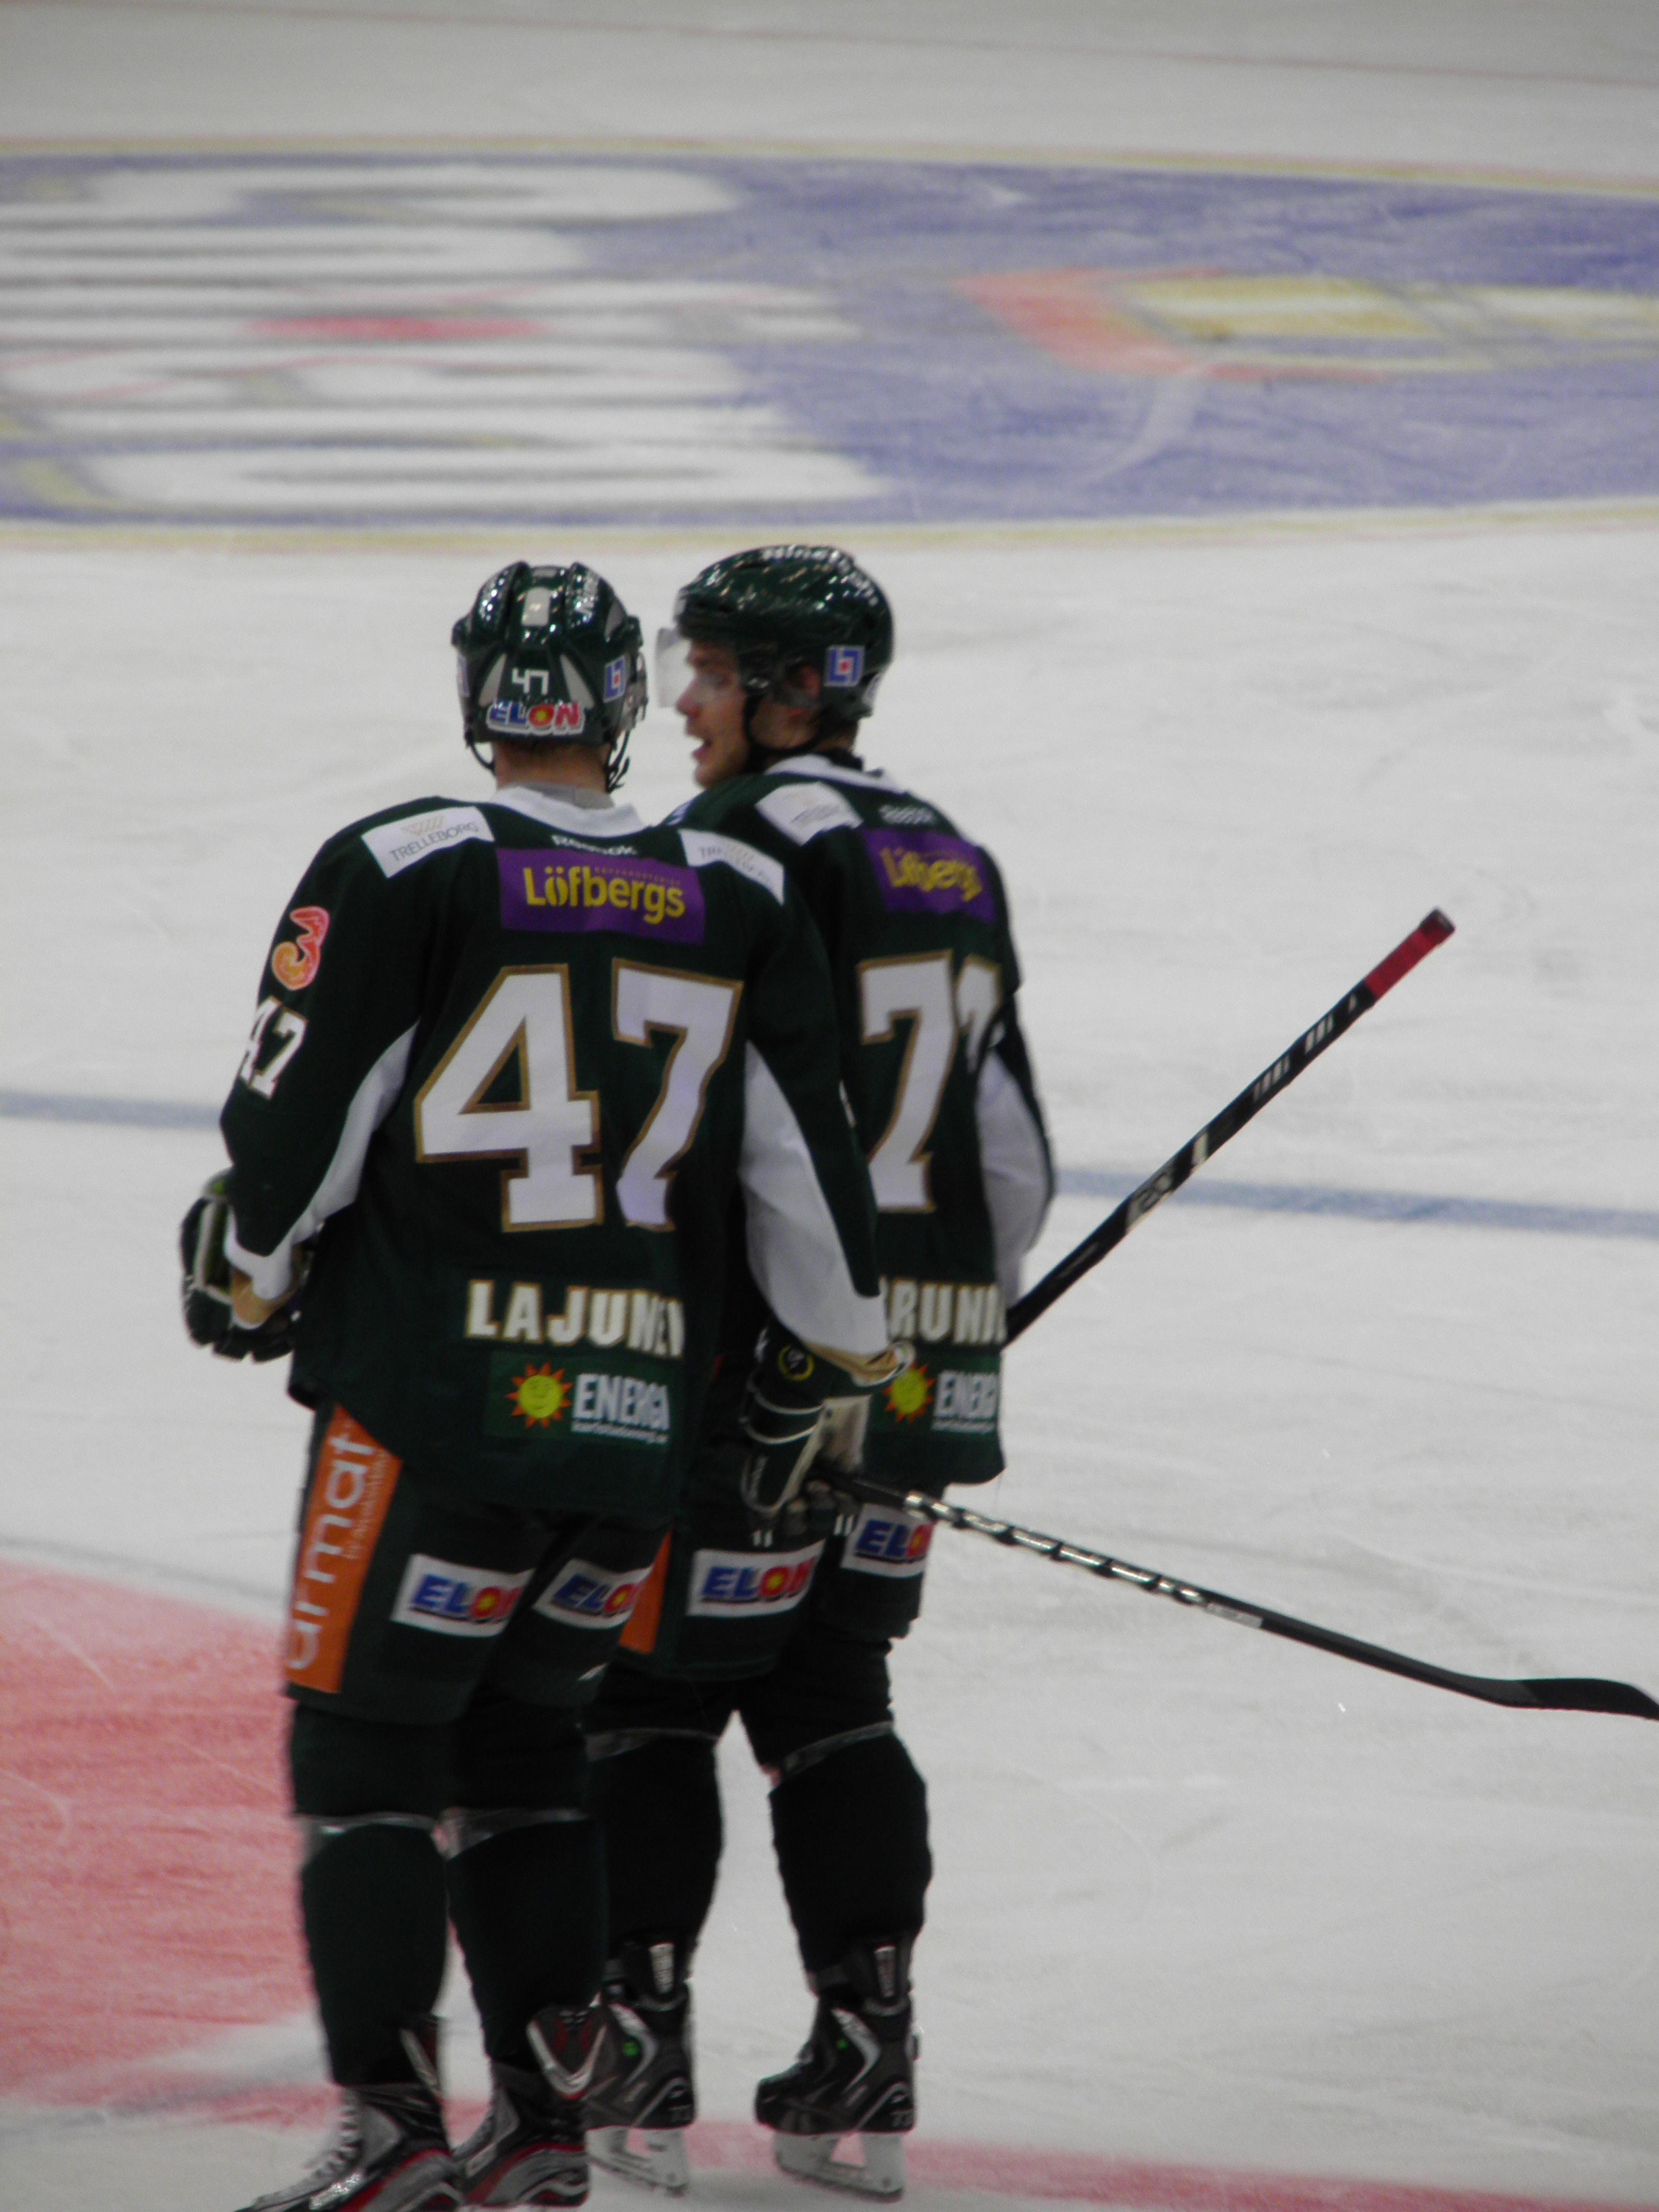 Lajunen togs ut till landslagsspel som tionde och siste man i FBK. Kollegan Anton Grundel blir dock kvar i Karlstad under uppehållet. Foto: Marie Angle/fbkbloggen